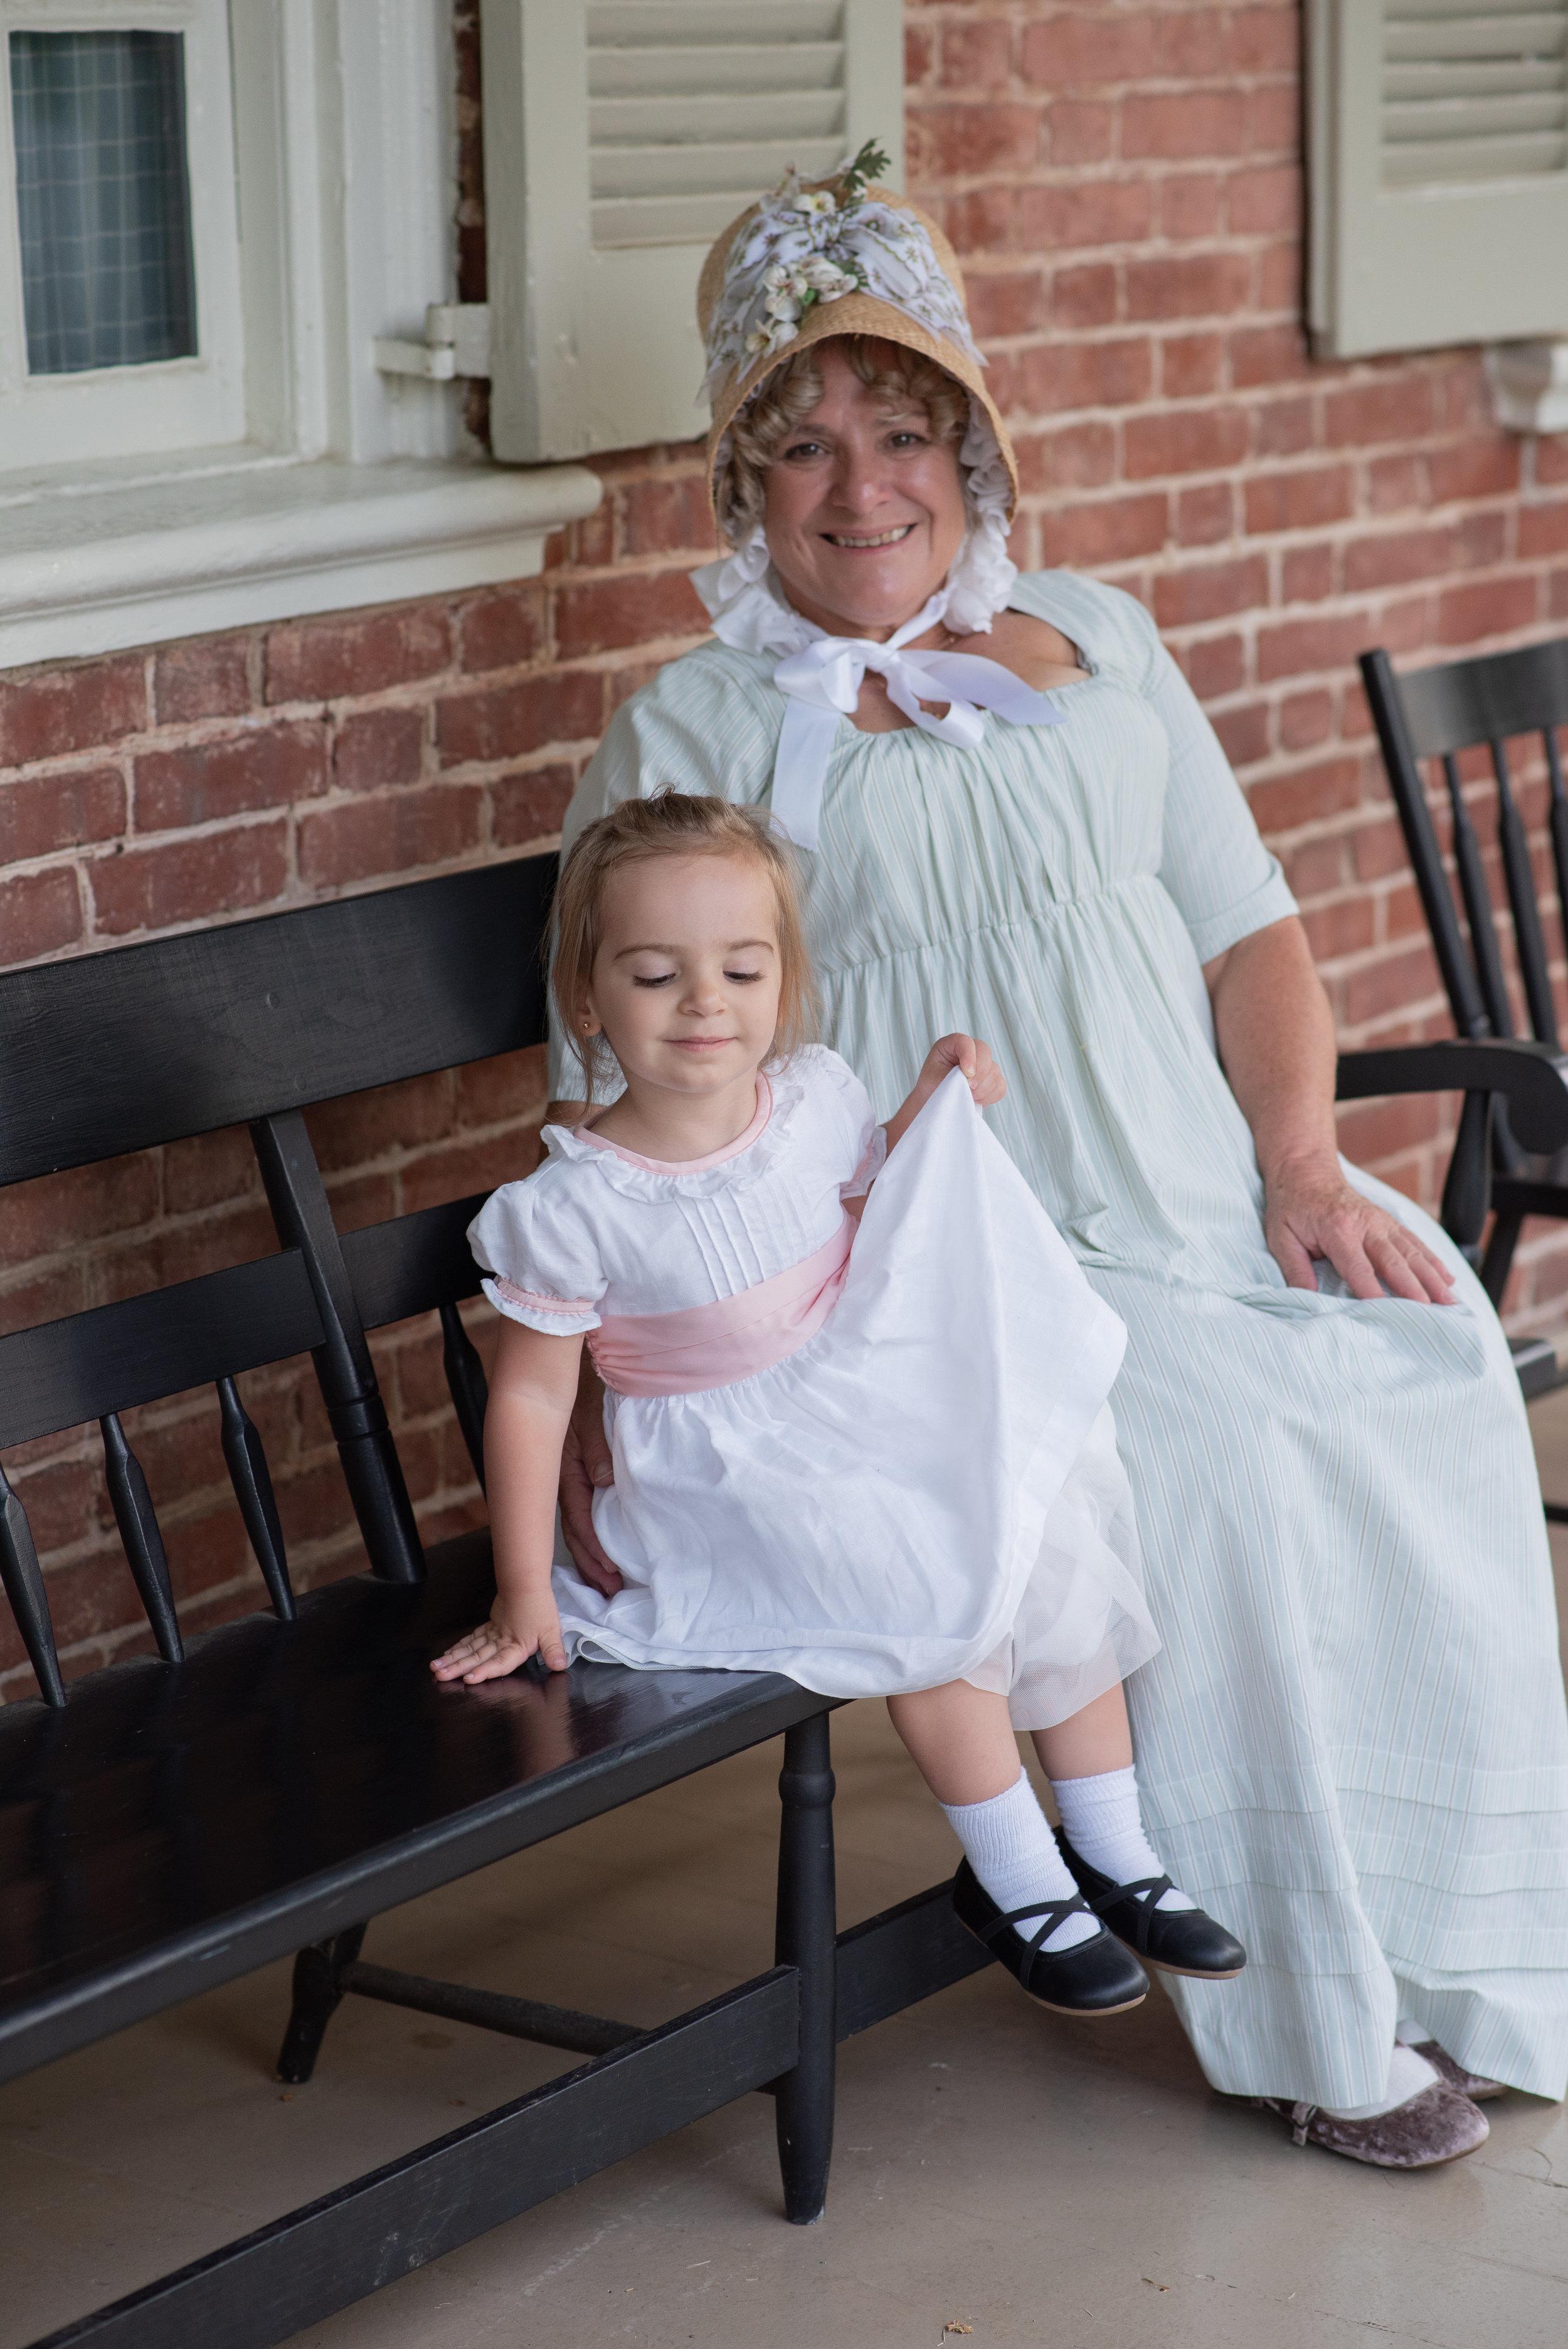 Jane Austen Festival Louisville Kentucky 2019 regency dress bonnet